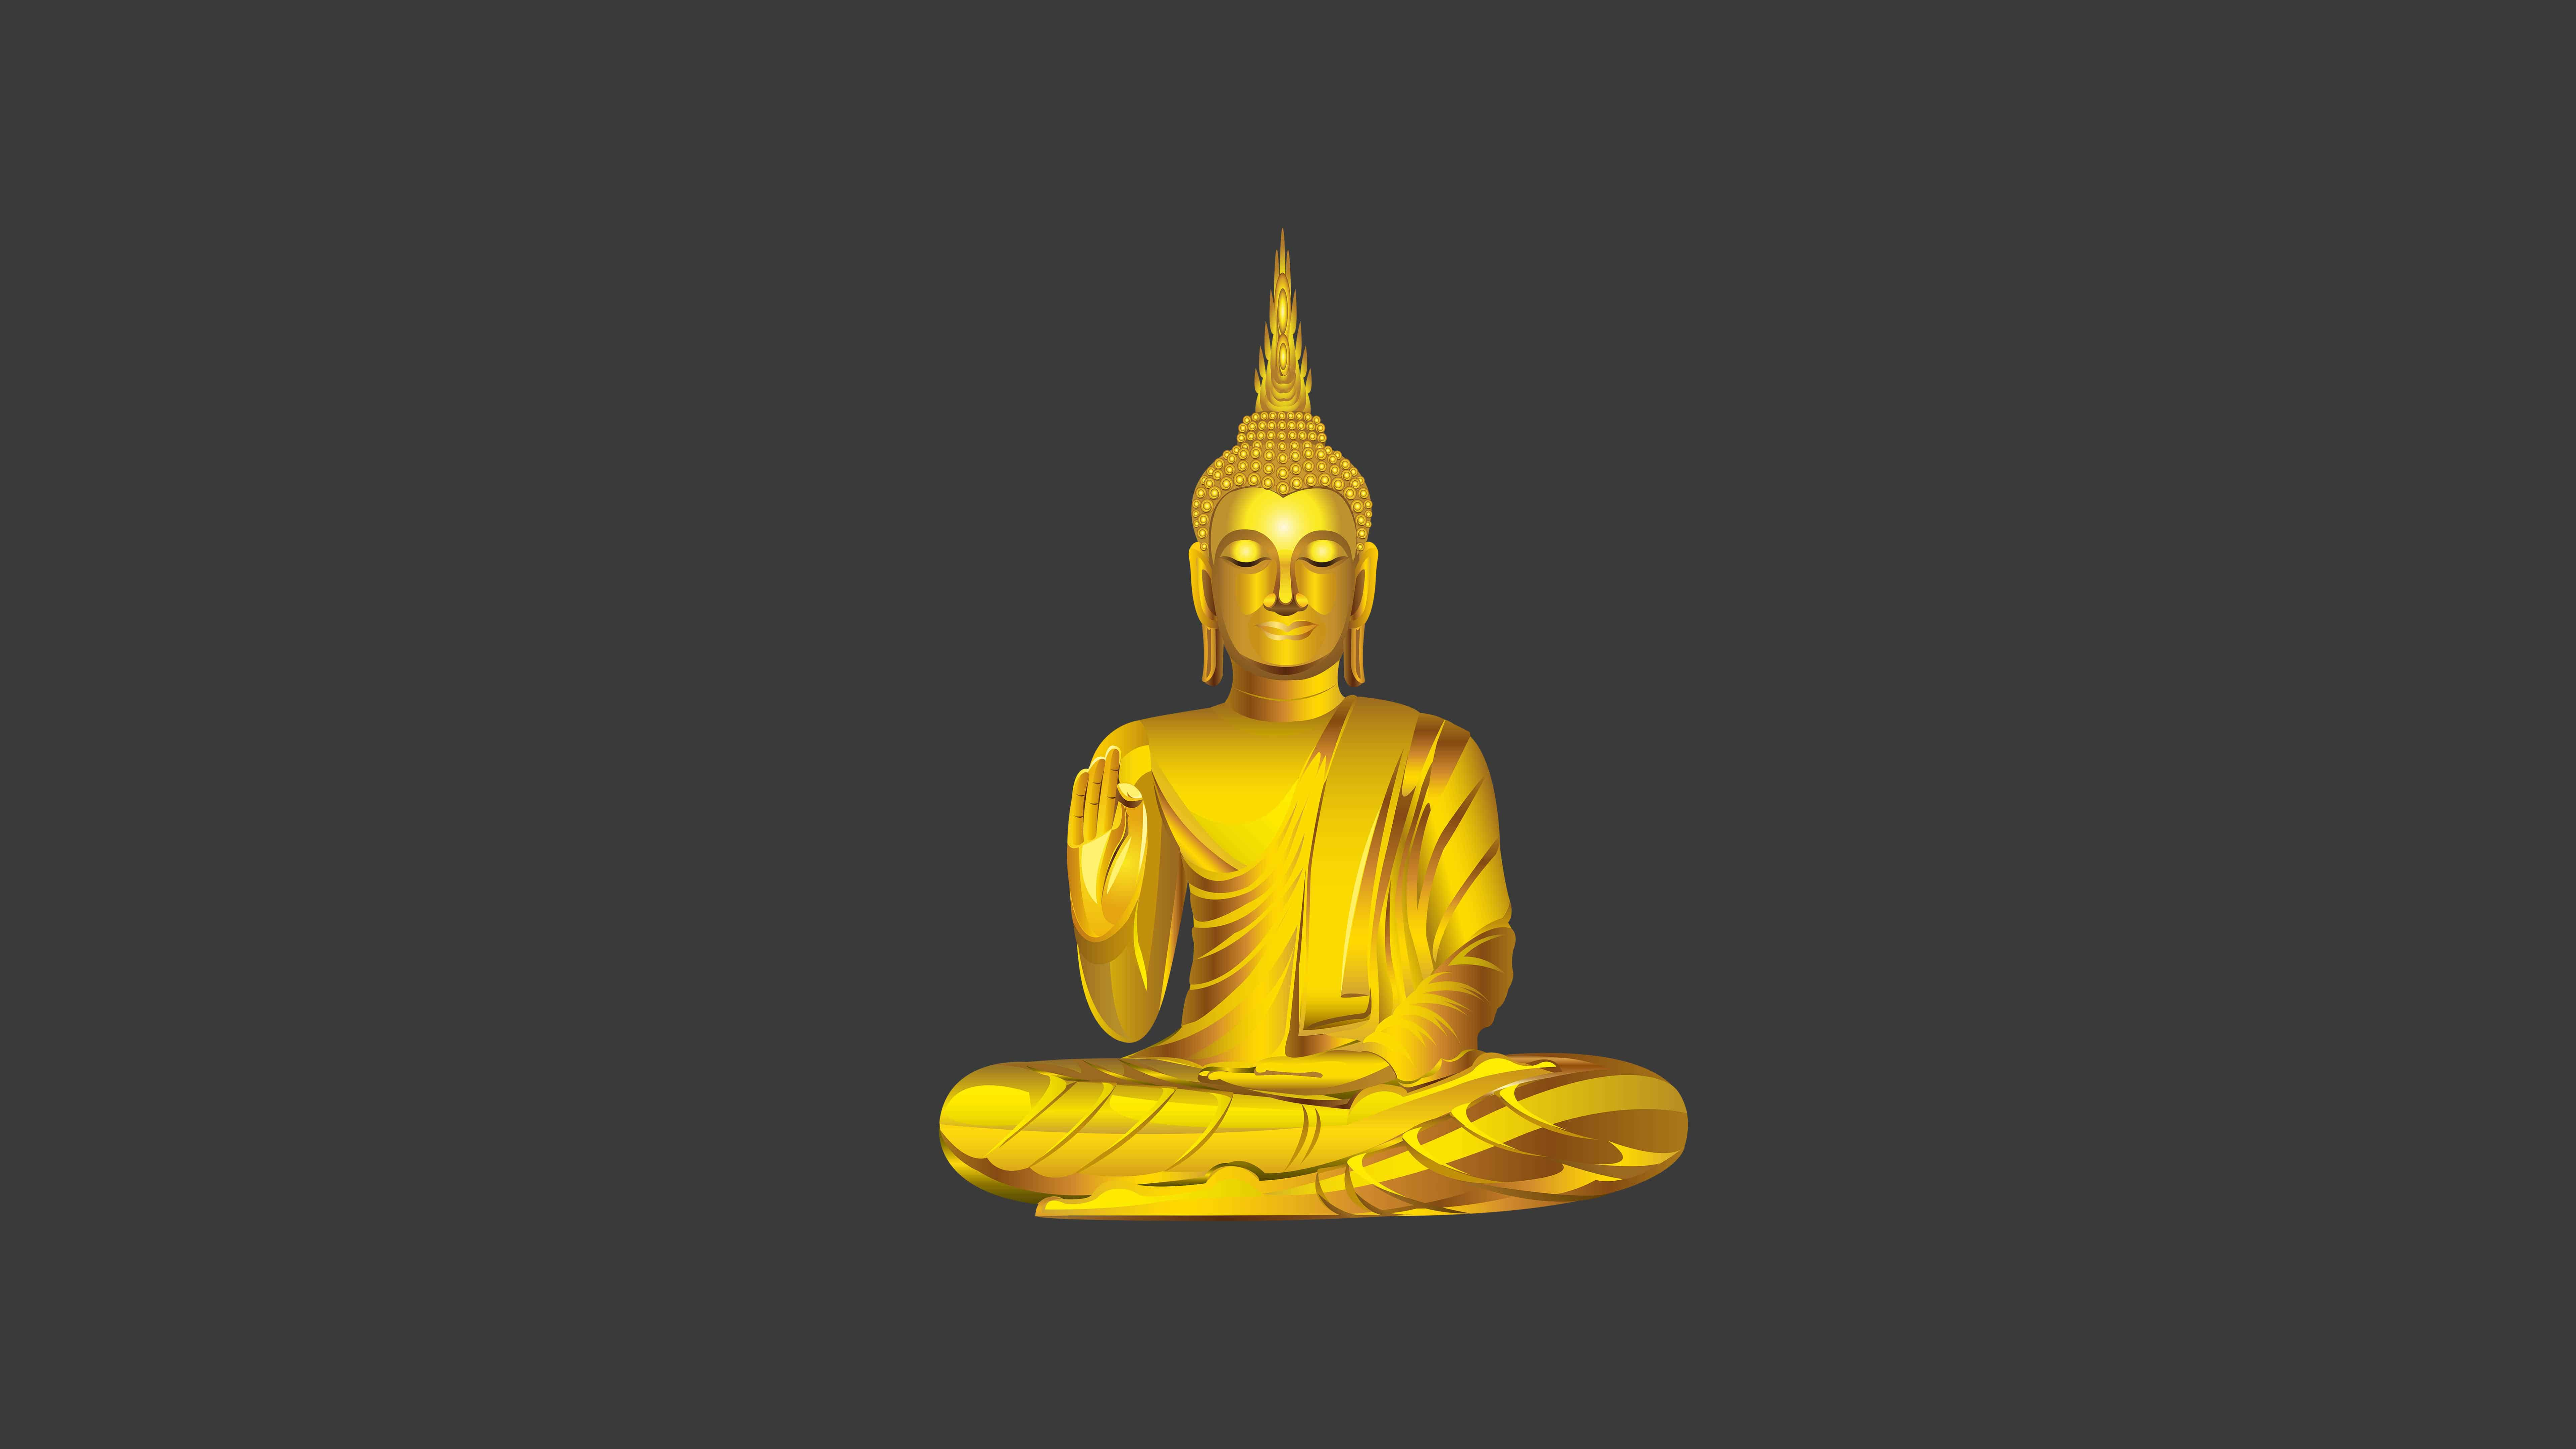 gautama buddha meditating uhd 8k wallpaper